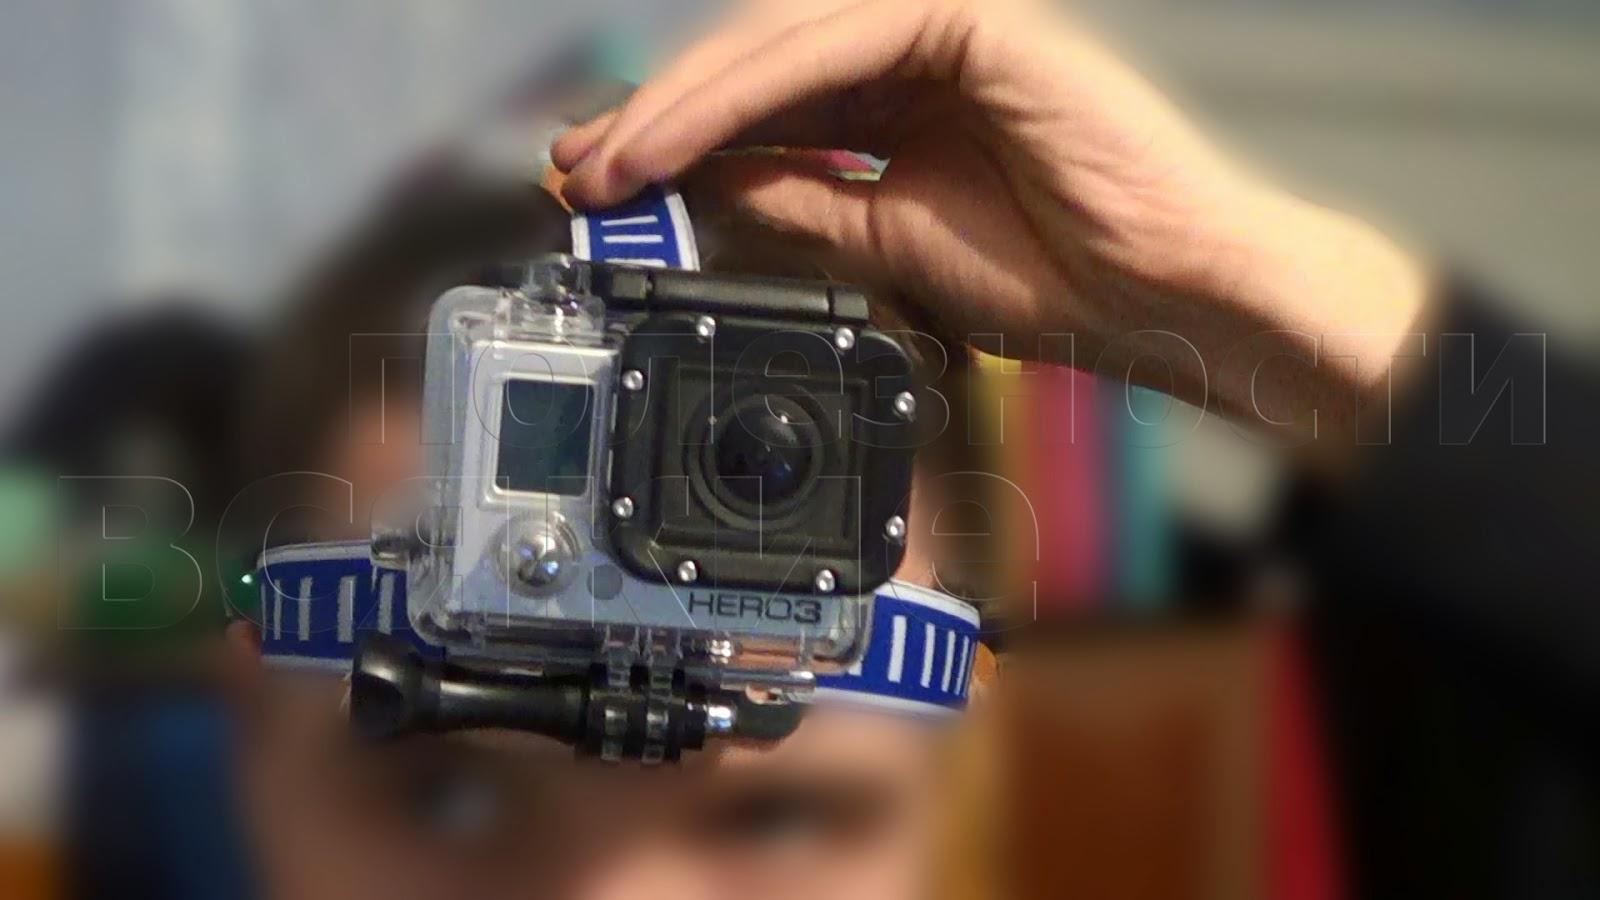 так выглядит крепление камеры gopro на голову сделанное своими руками вид с переди